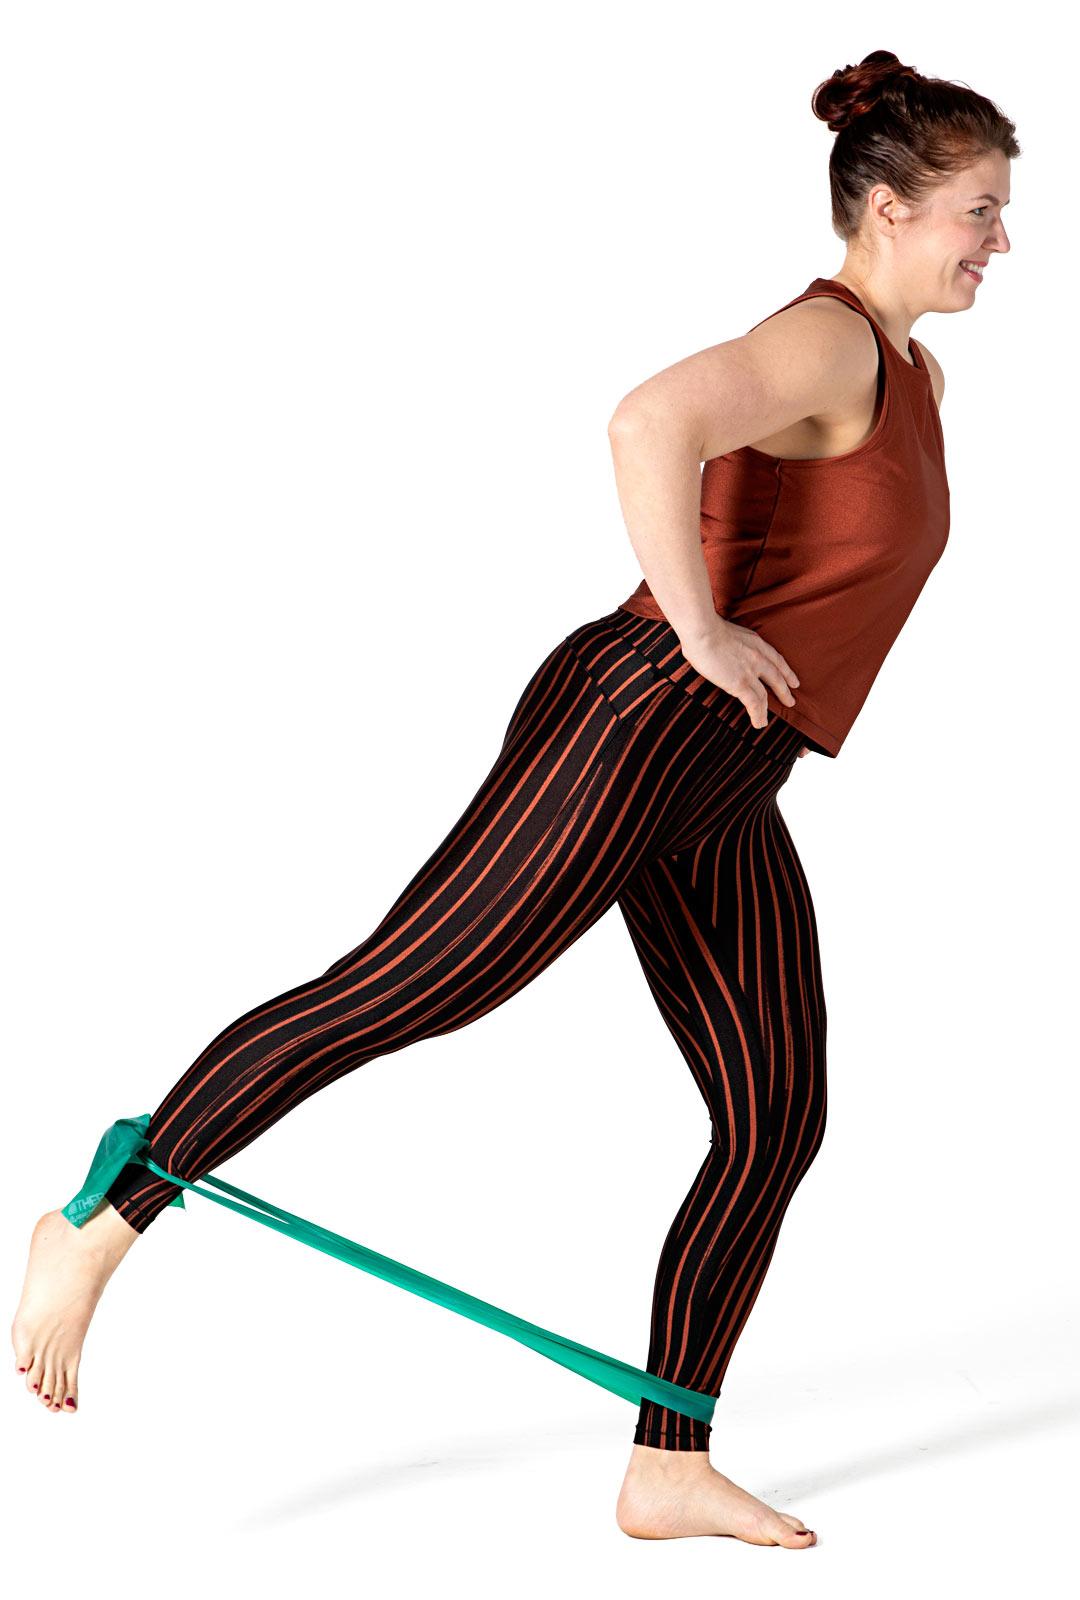 Ojenna takajalan lonkkaa polvi suorana eli nosta jalkaa irti maasta takaviistoon.